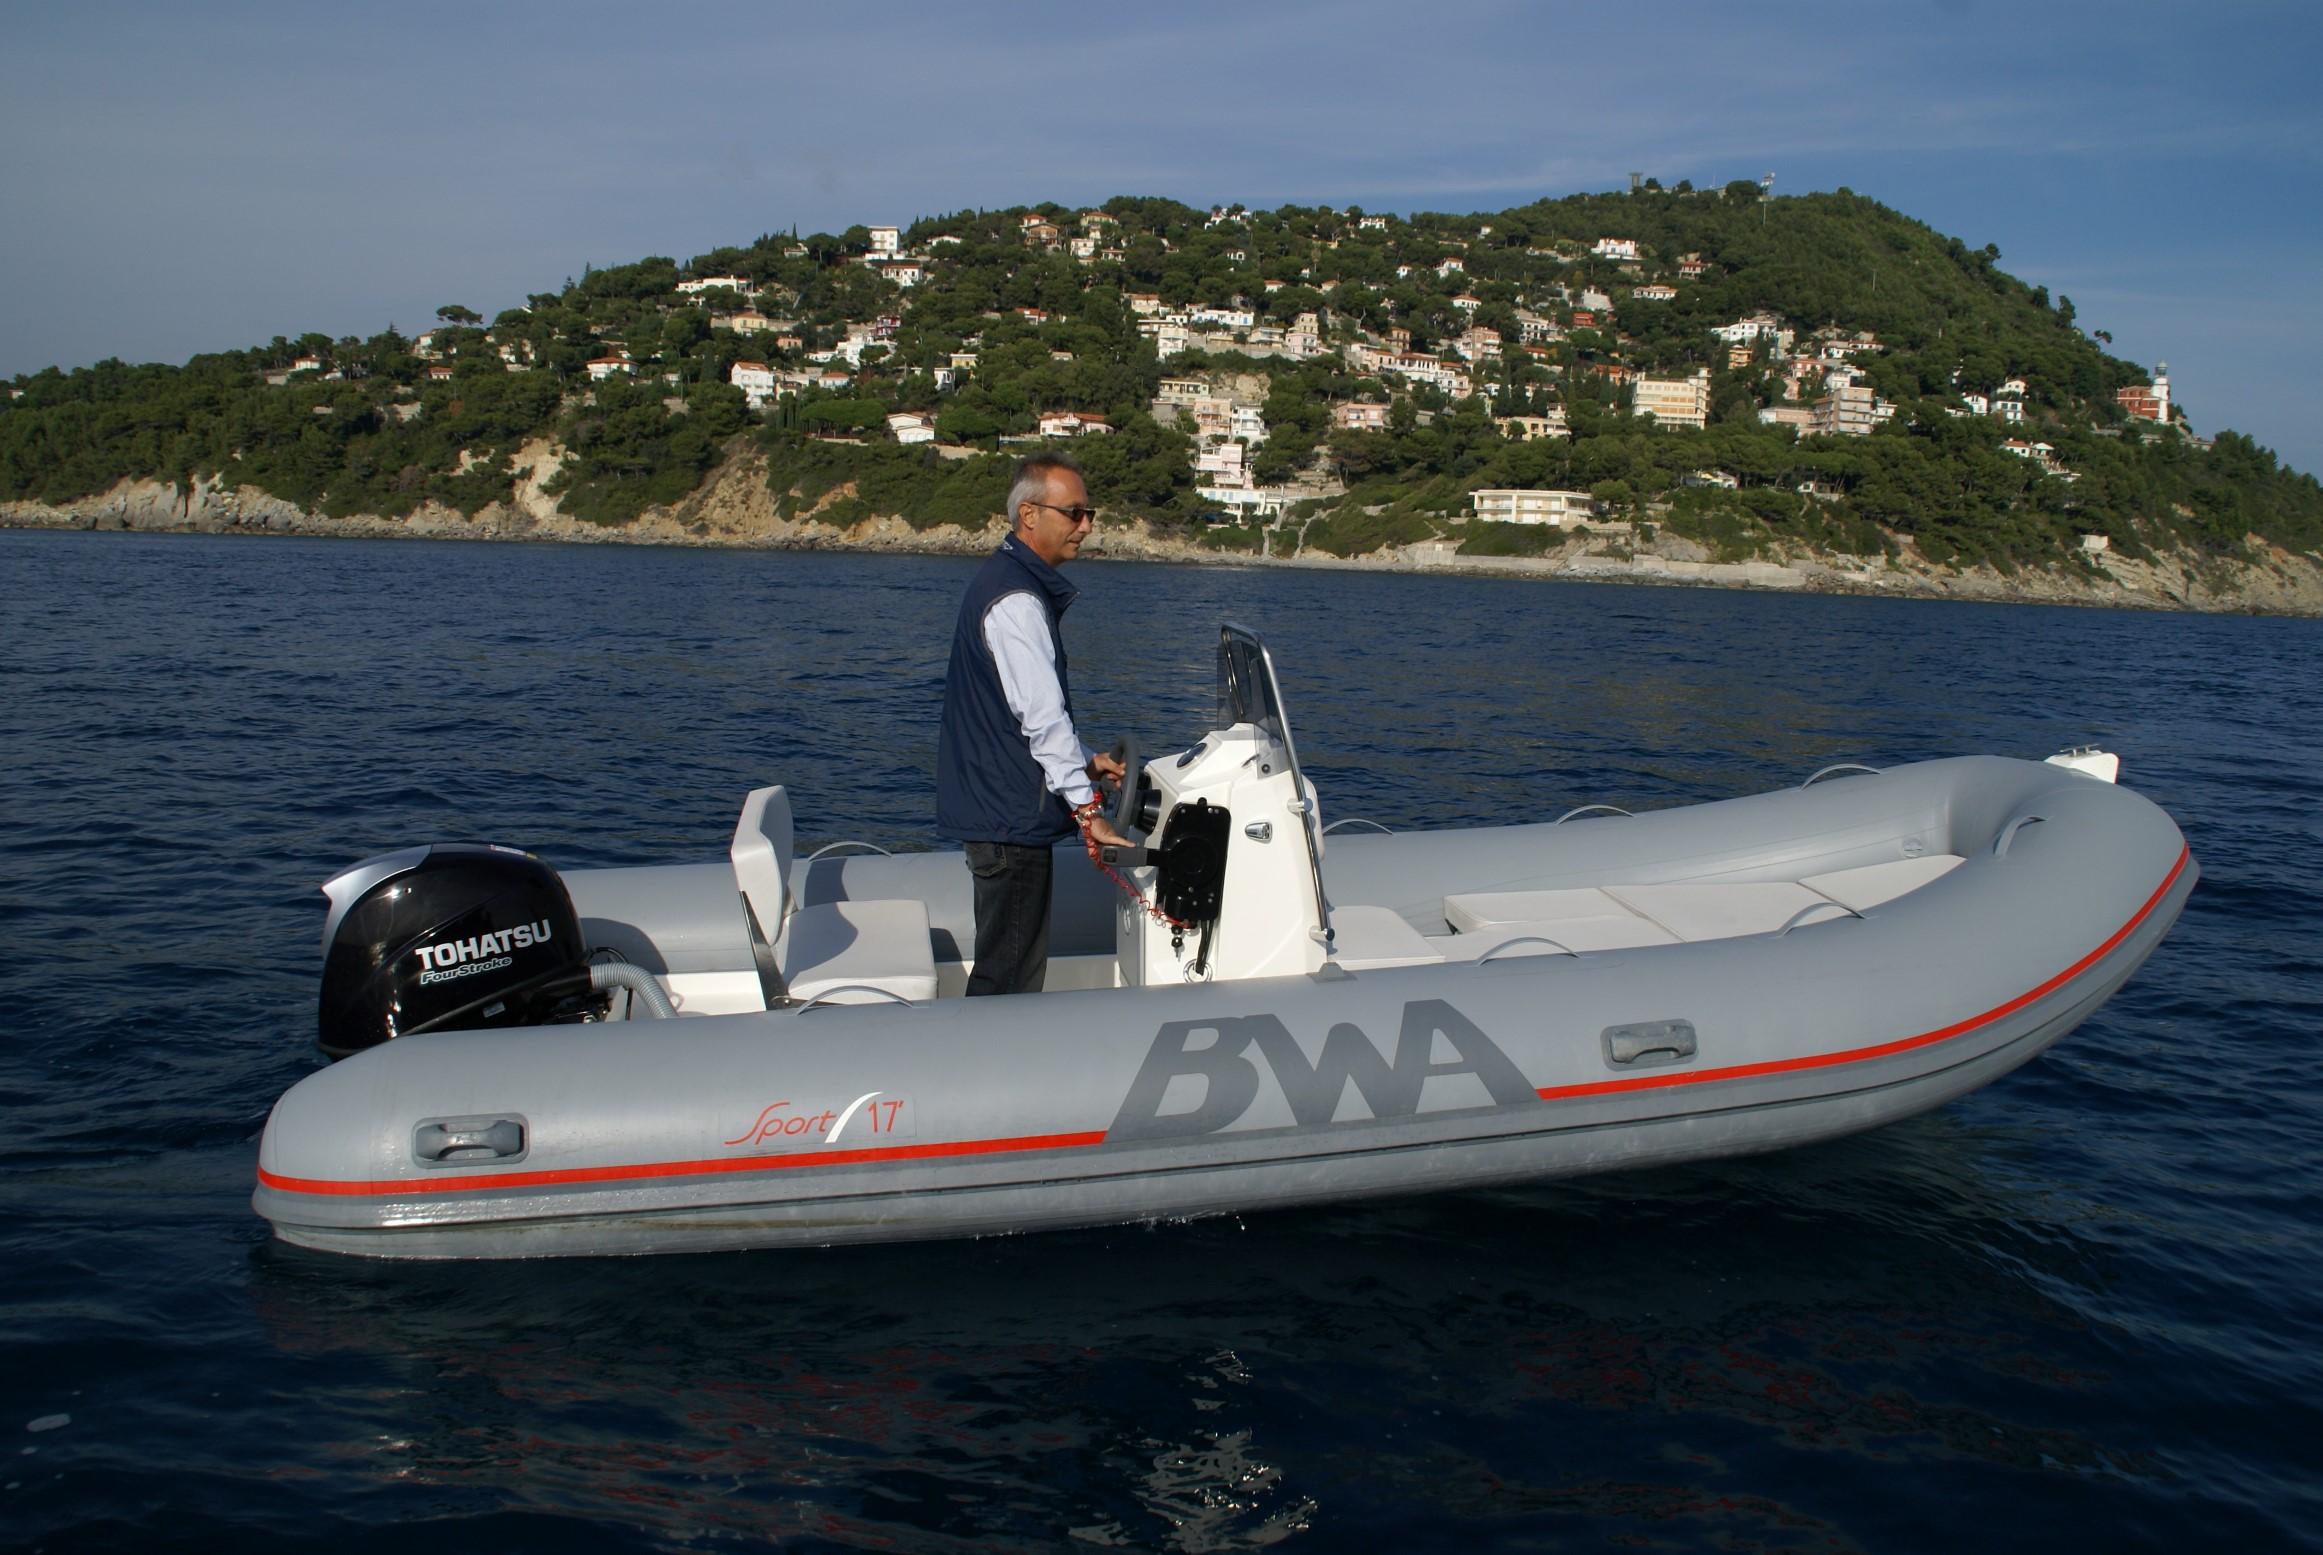 vente de bateaux bwa sport 15 u0026 39